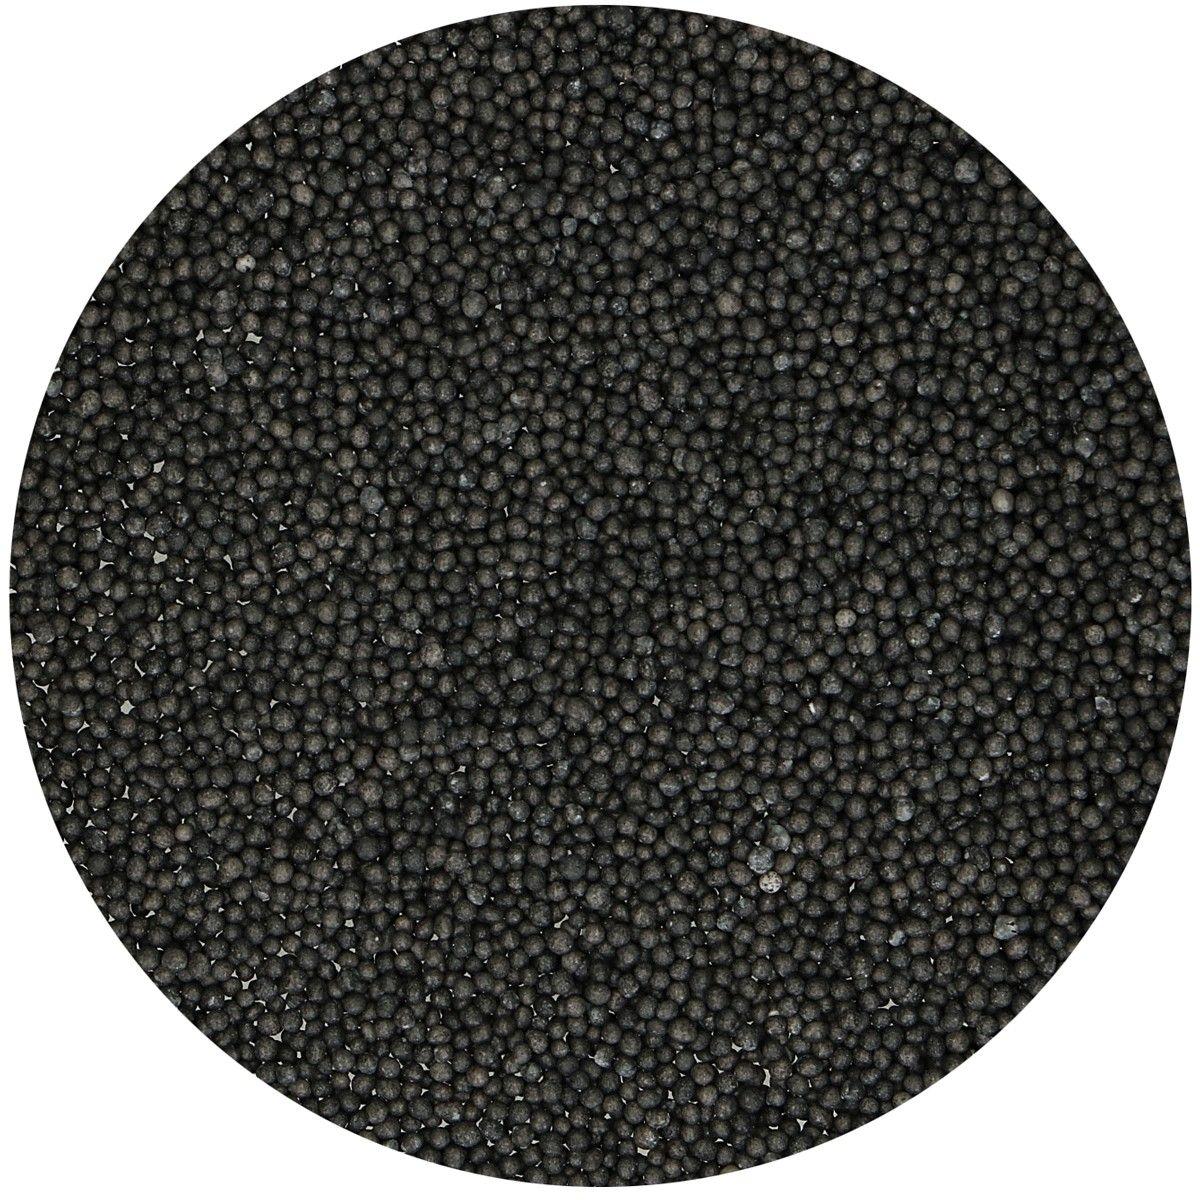 Imagen del producto: Non pareils negro de Funcakes - 80 g